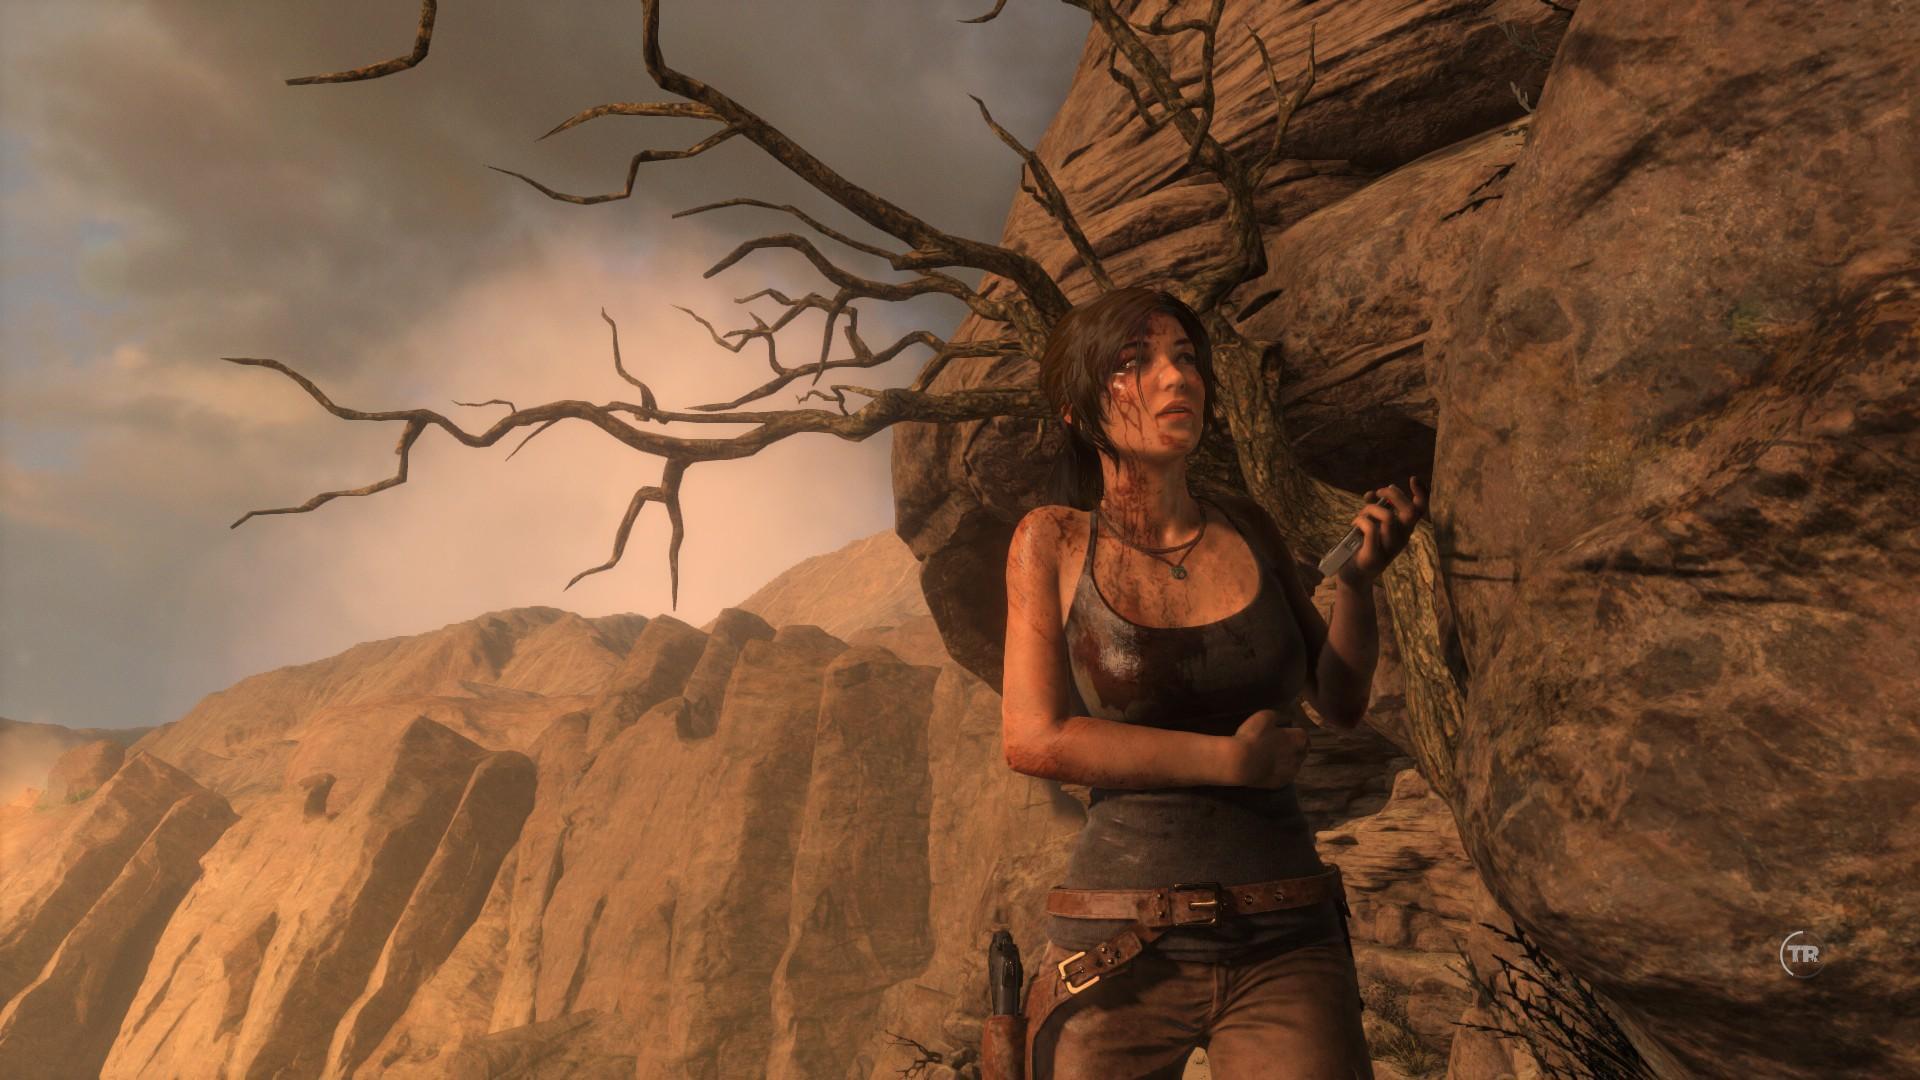 Mittlerweile erscheinen in kurzen Zeitabständen offenbar umgangene Varianten Denuvo-geschützter Spiele im Netz, etwa Rise of the Tomb Riader.